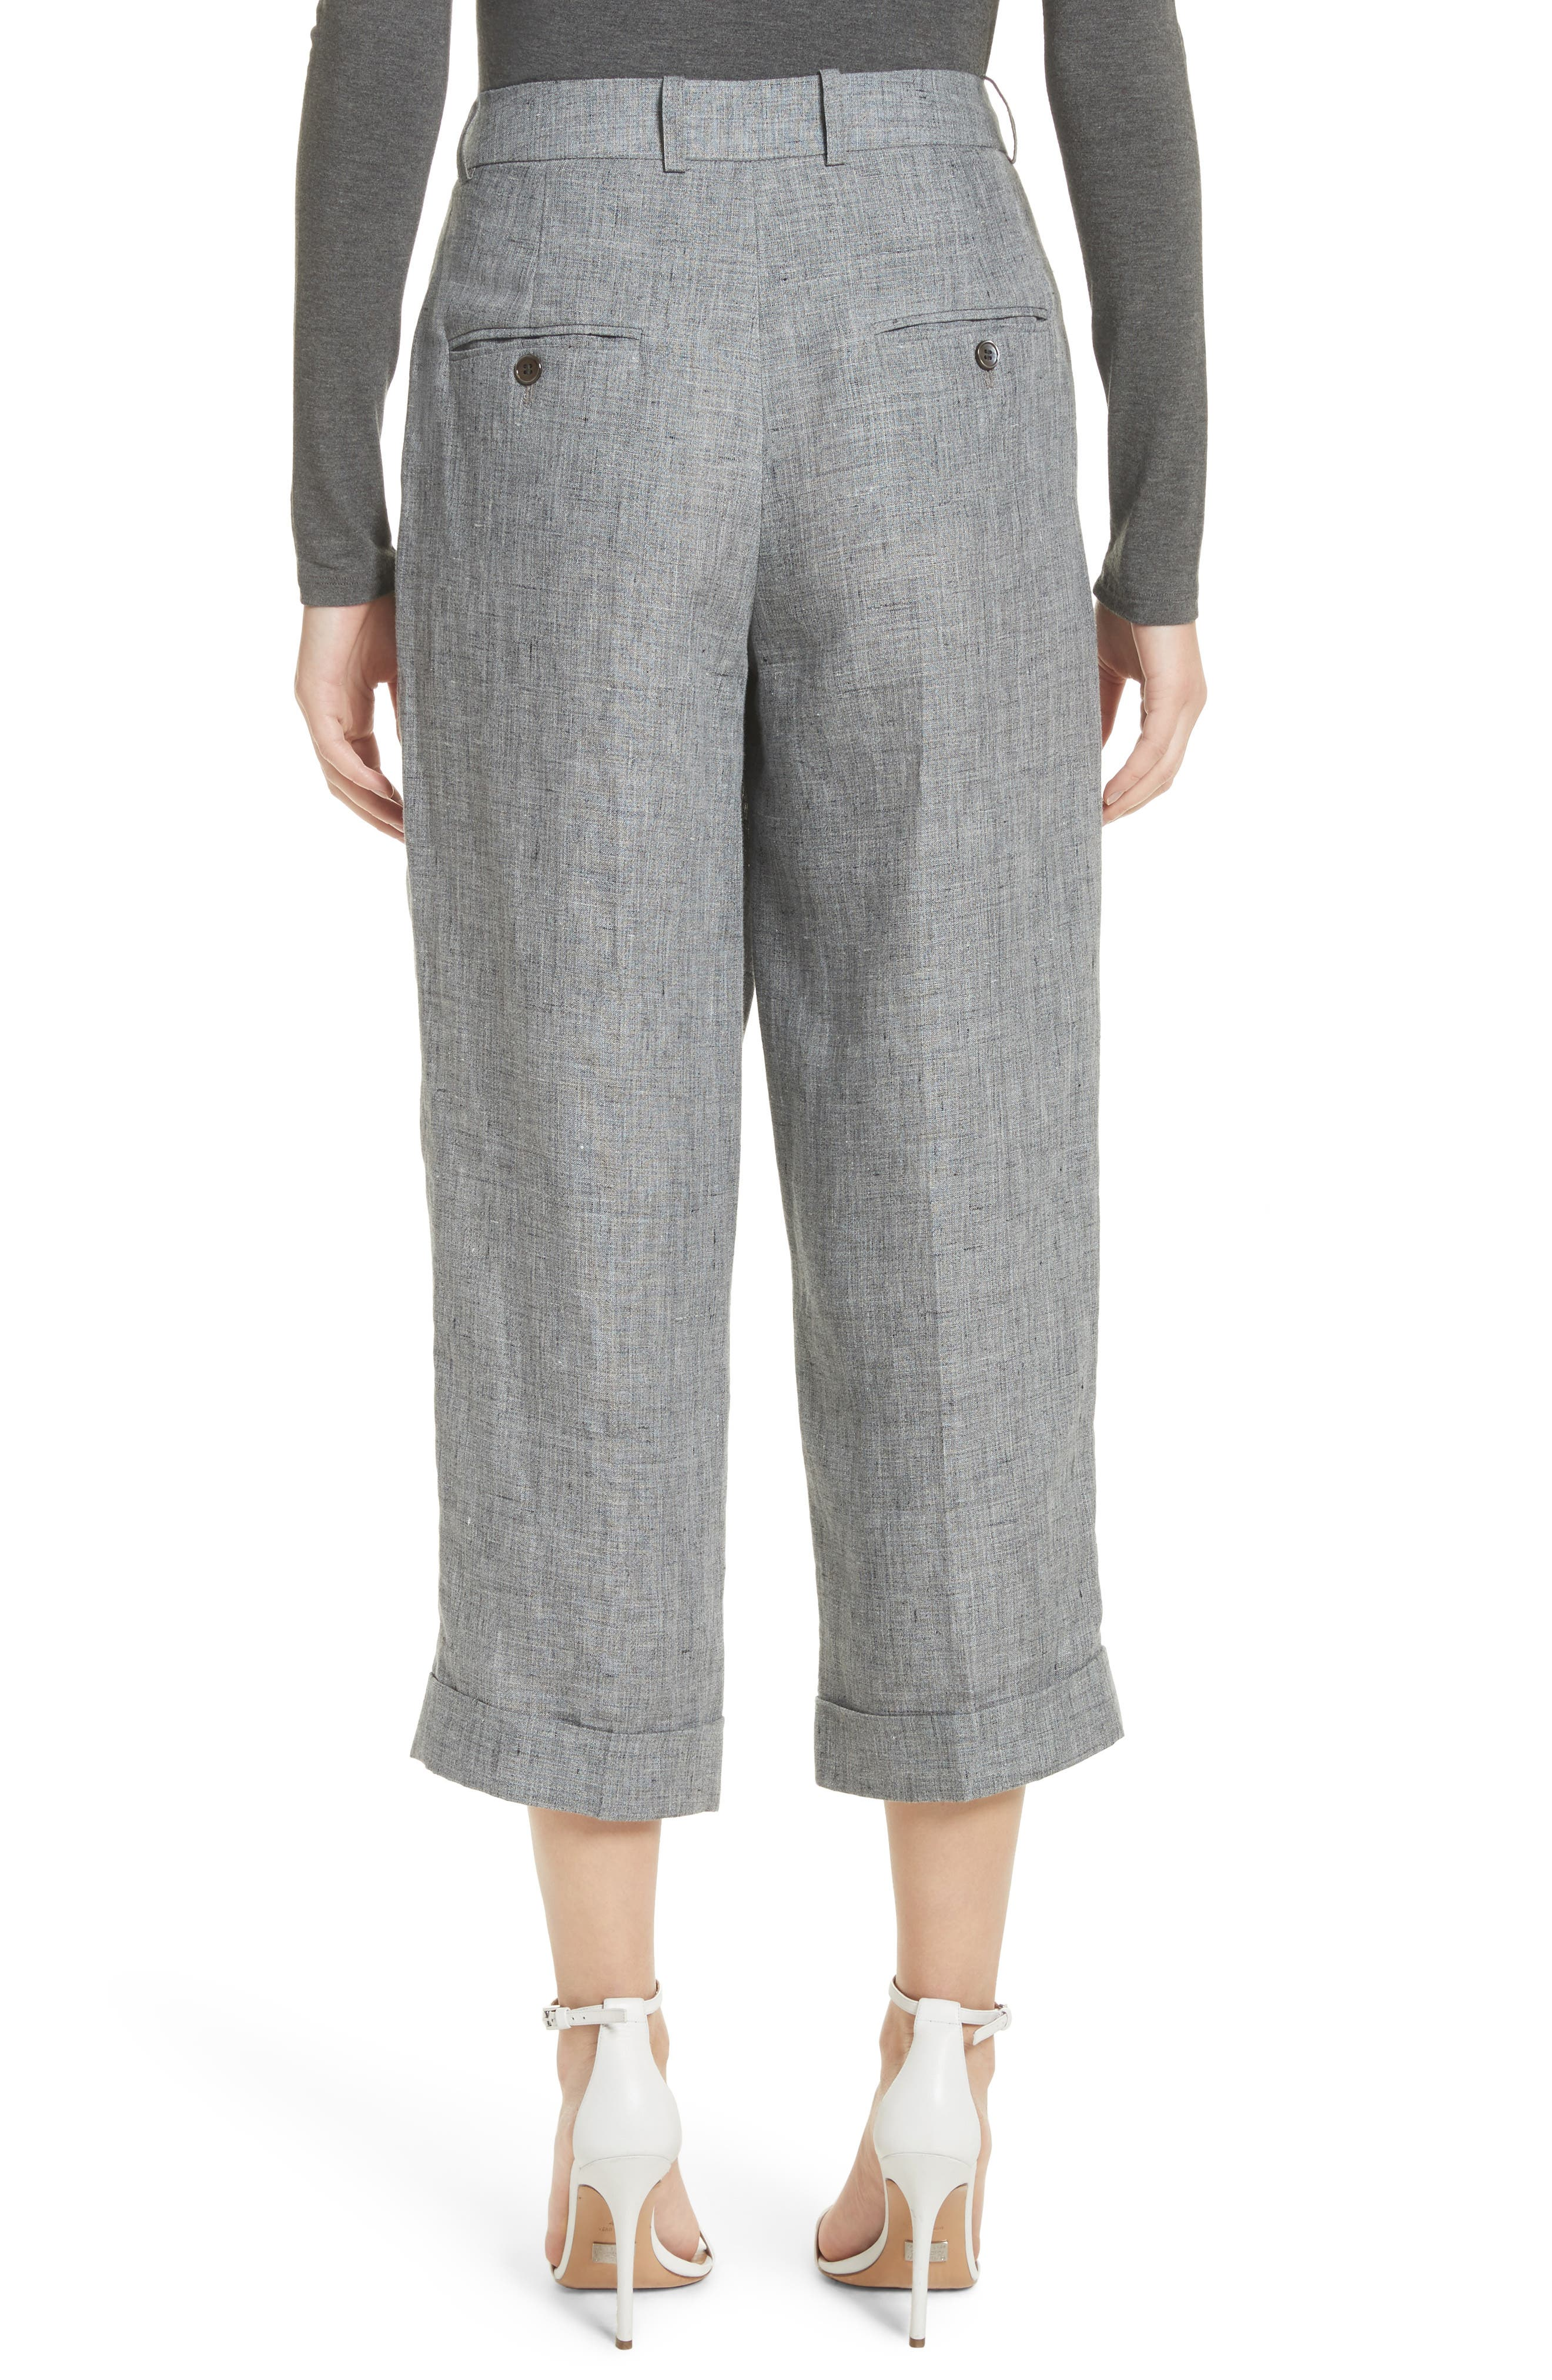 Cross Front Linen Crop Trousers,                             Alternate thumbnail 2, color,                             020